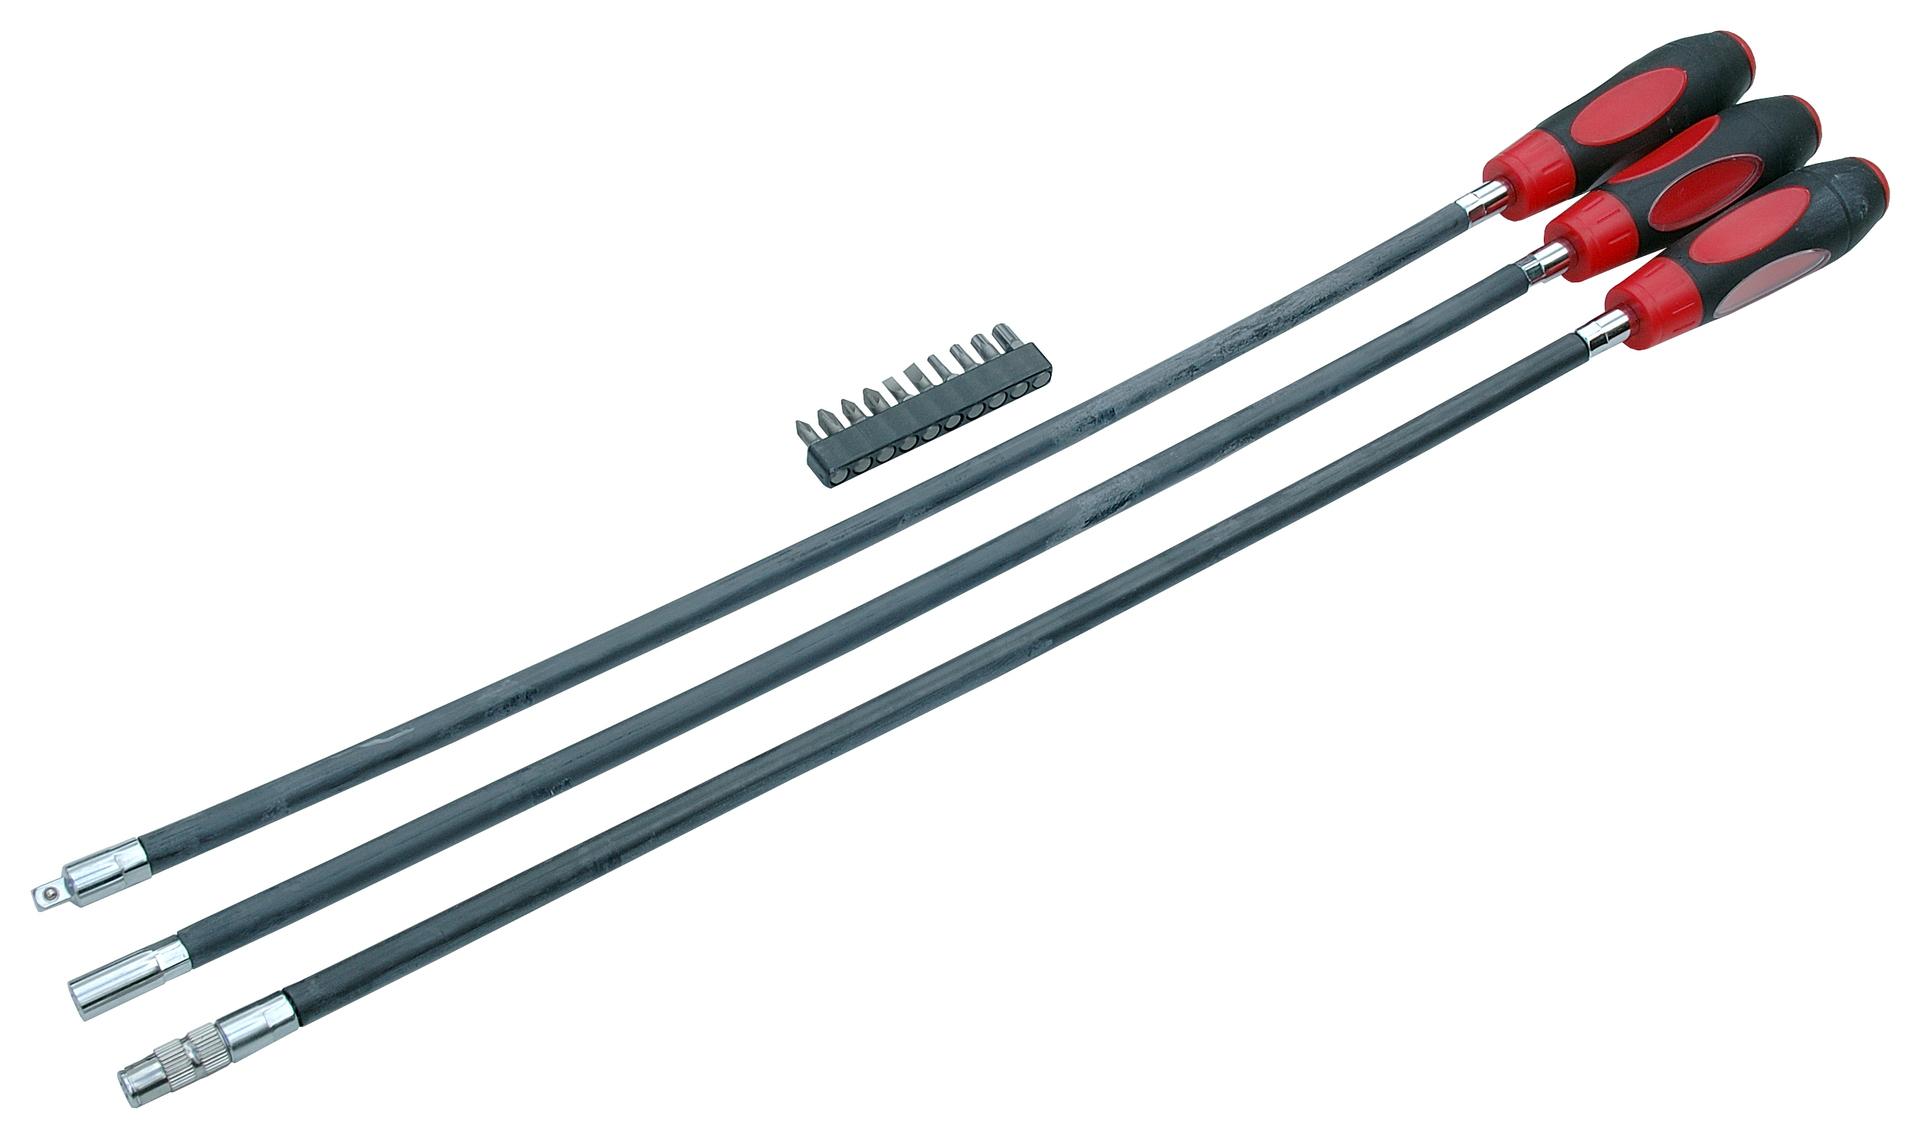 Flexibilní šroubováky, extra dlouhé, s různým zakončením s bity, sada 3 kusů - QS51215